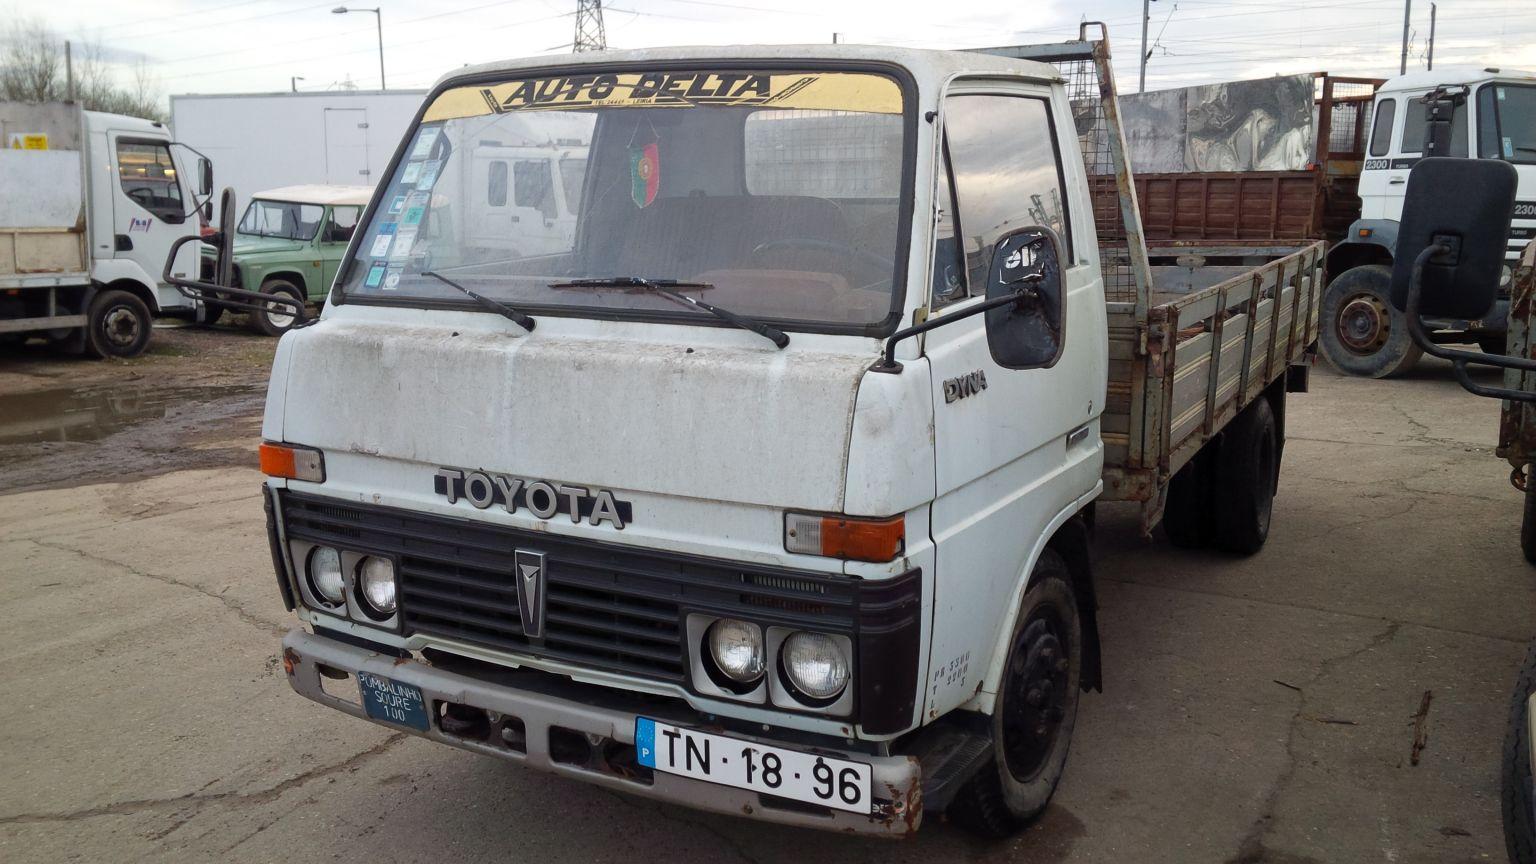 LHD Toyota Dyna BU30